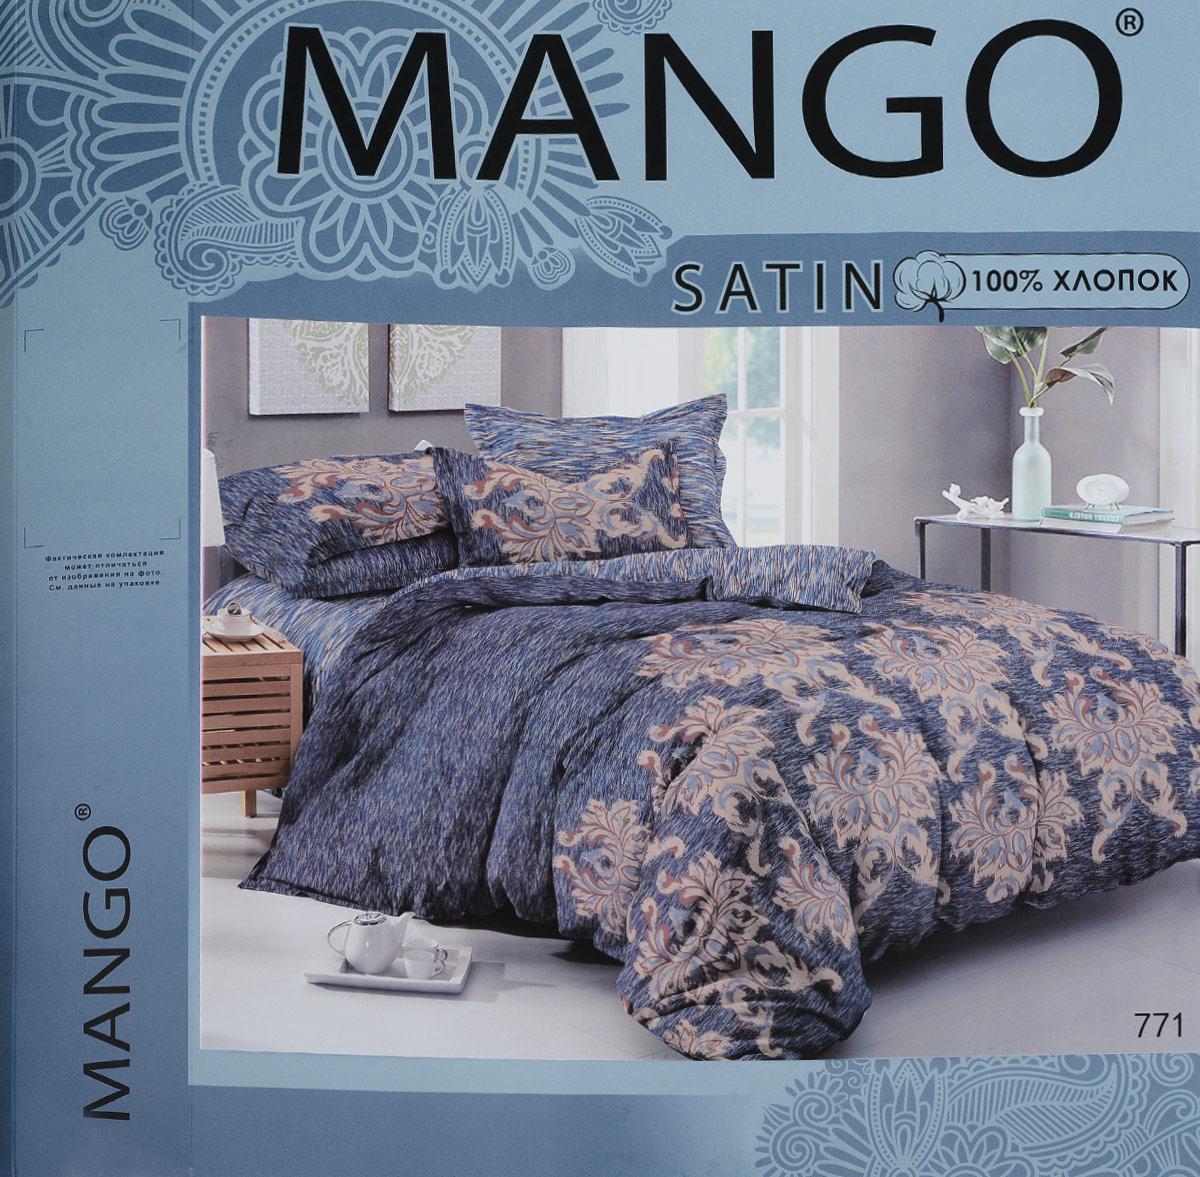 Комплект постельного белья Mango, 2-спальный, наволочки 70х70 комплект жасмина размер 2 0 спальный с европростыней